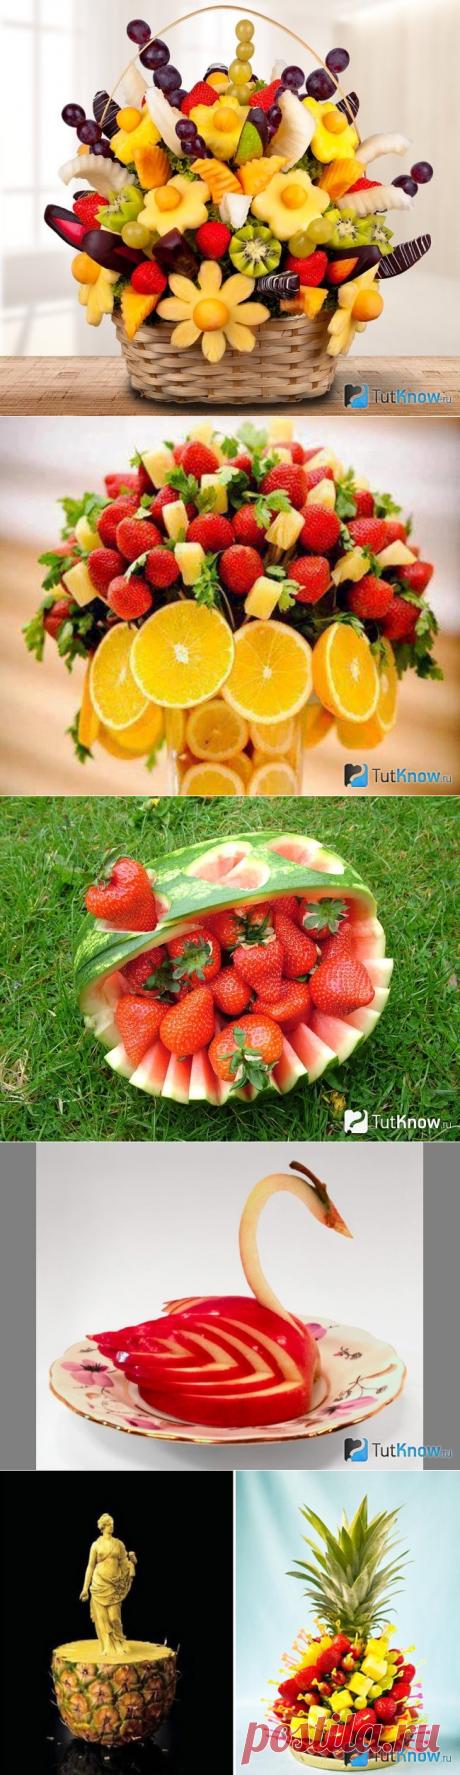 Карвинг из фруктов: виды поделок и пошаговая инструкция